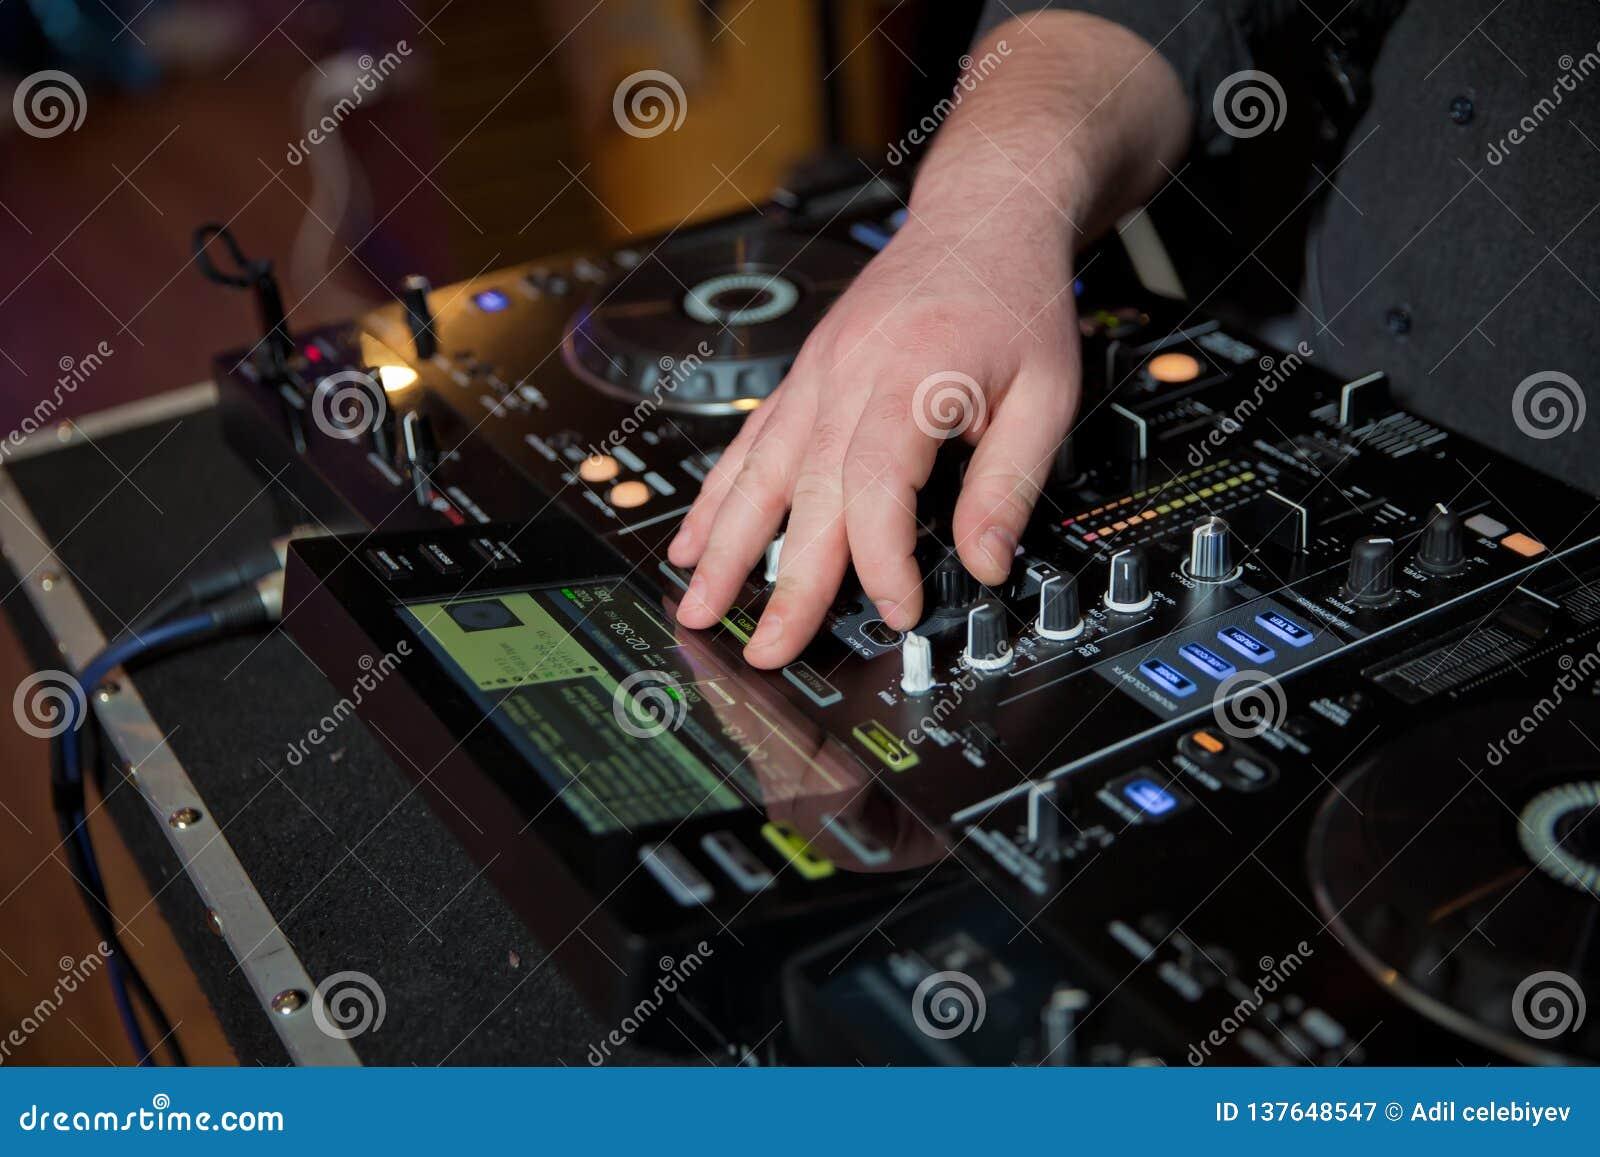 музыки для ночного клуба